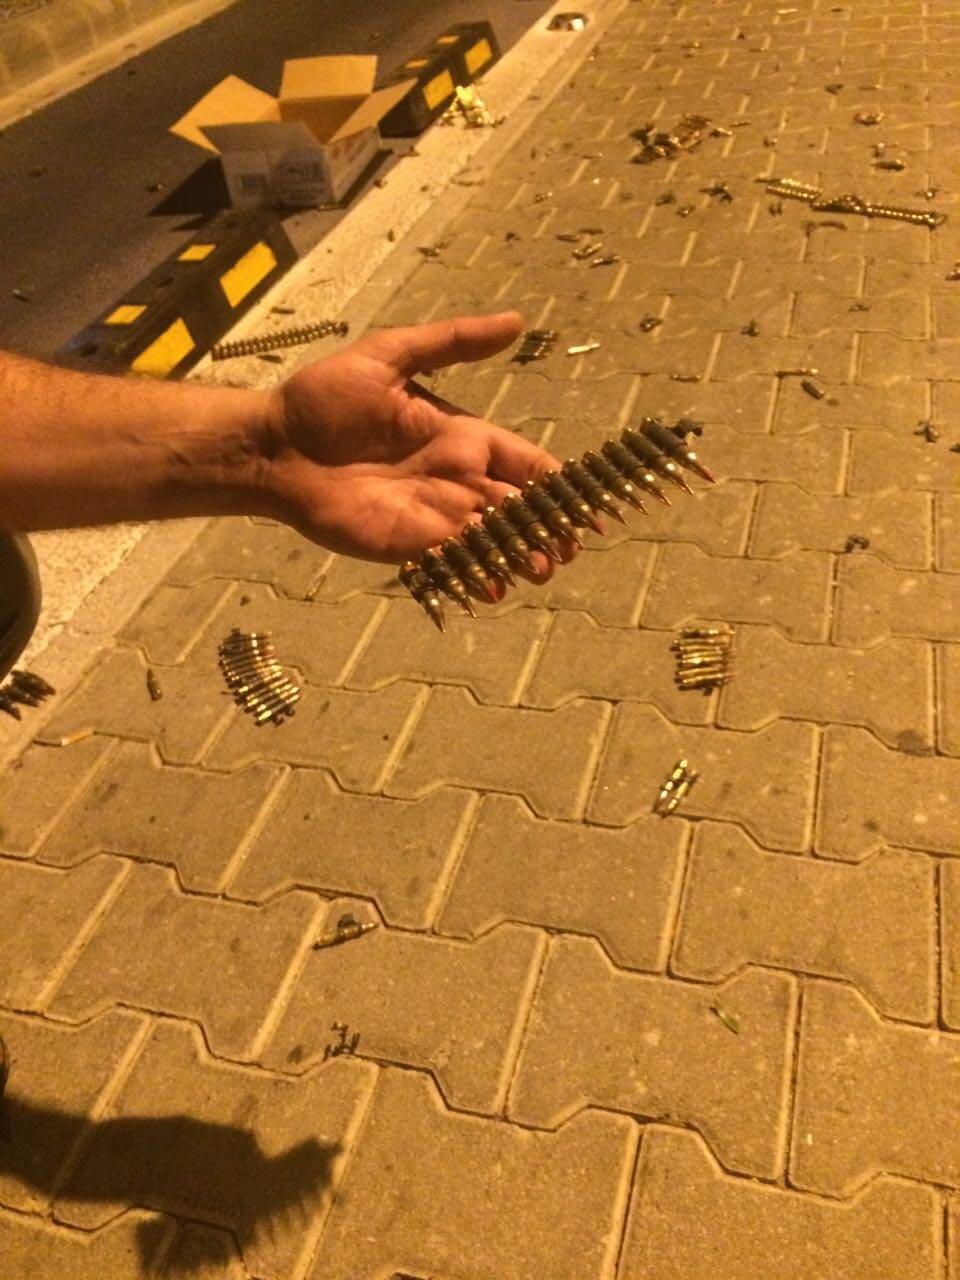 Cumhurbaşkanı Erdoğan'ın darbe girişimin ilk saatlerinde bulunduğu Marmaris'teki otele ağır silahlarla helikopterlerden ve karadan ateş açan suikast timi, darbe girişiminin başarısız olması sonucu bölgeden kaçtı.